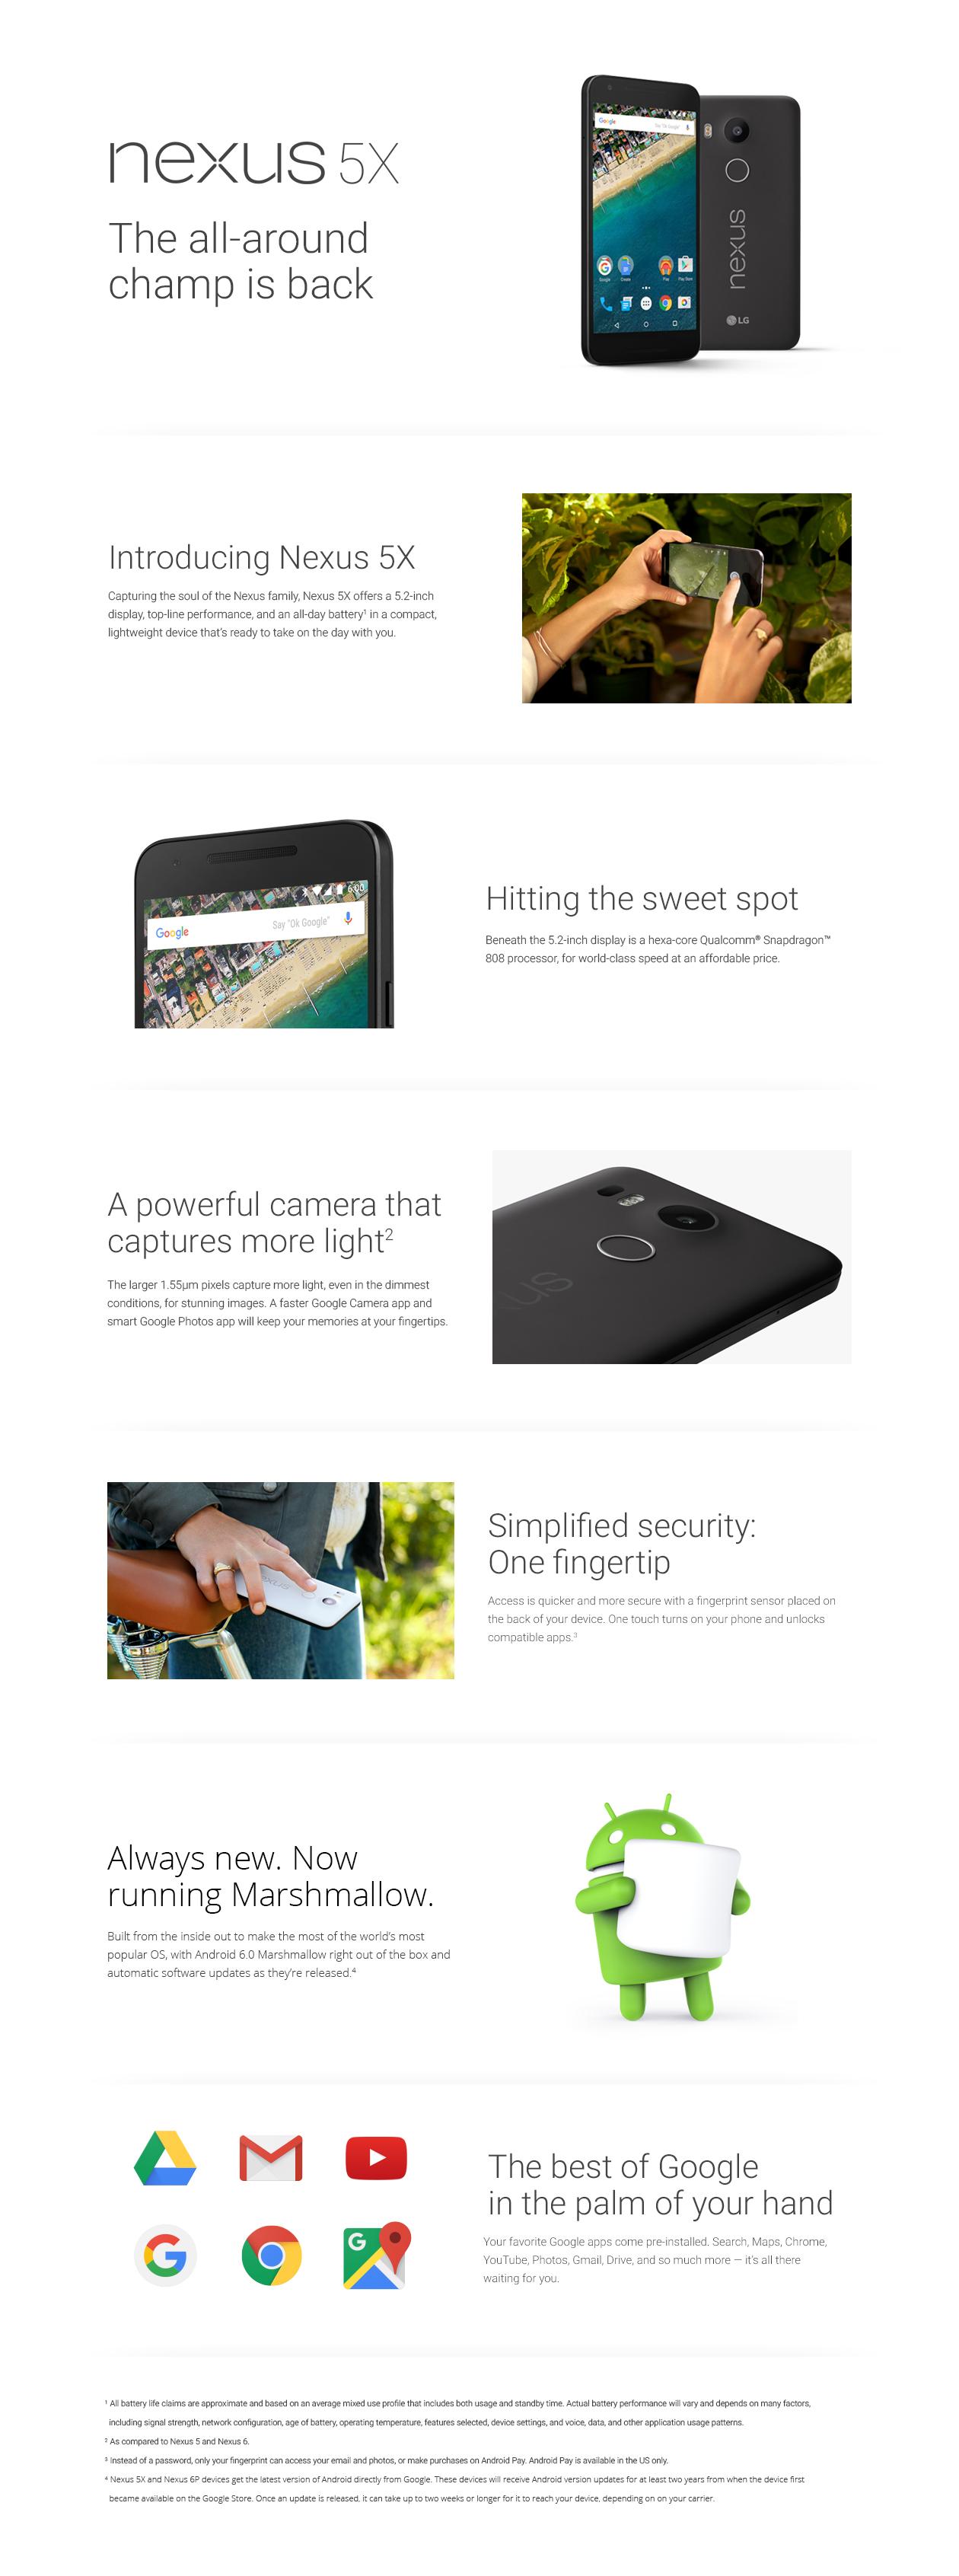 Vuodettu dokumentti Nexus 5X:stä